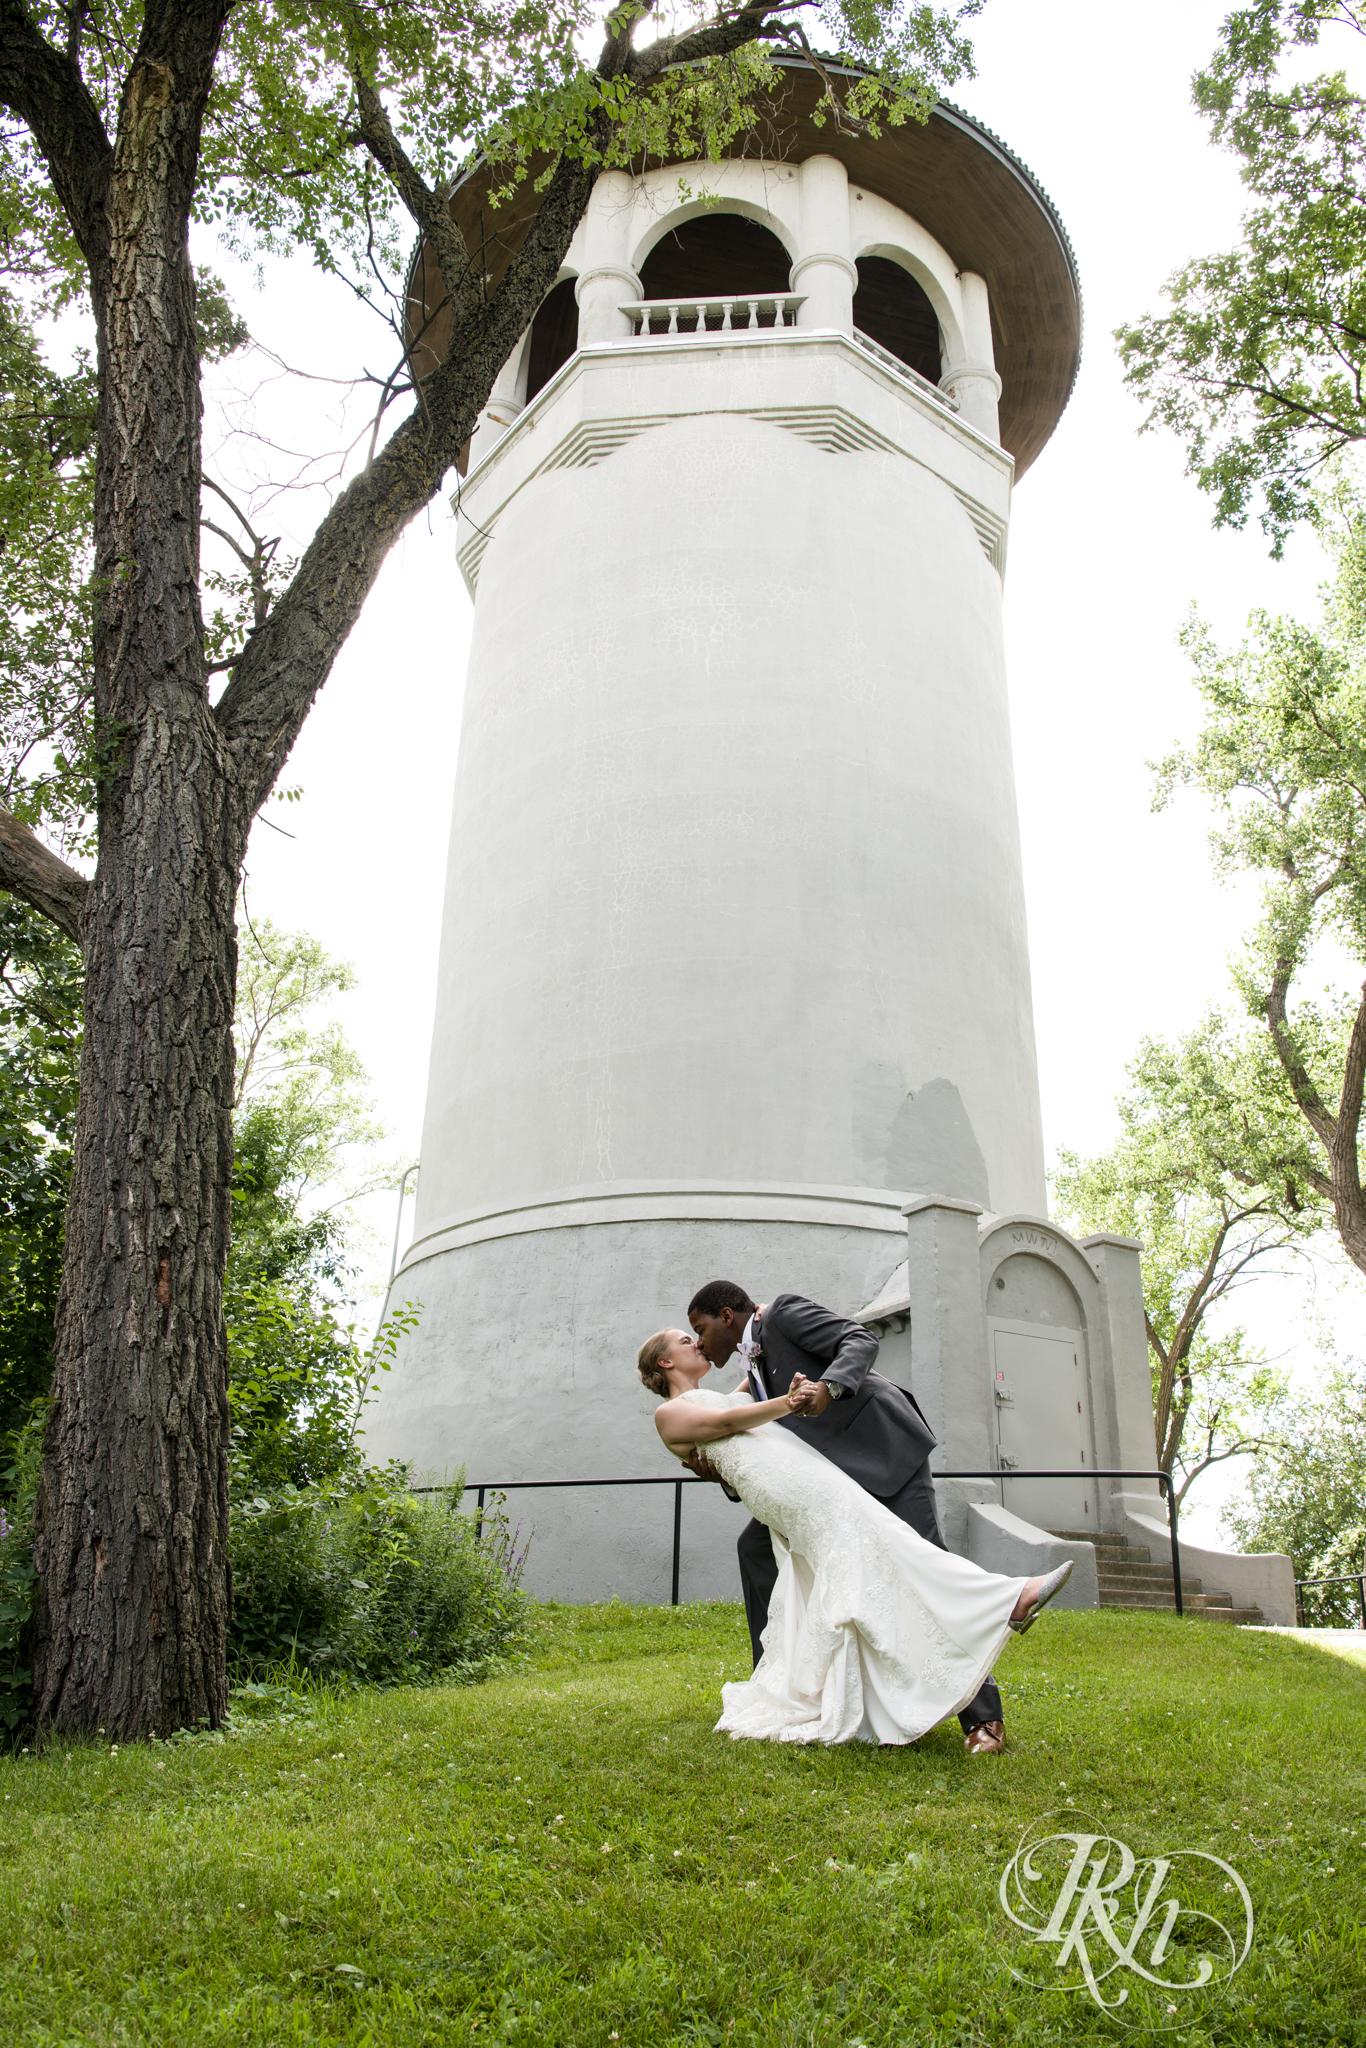 Laura and Adekunle - Minnesota Wedding Photographer - Minnesota History Center - RKH Images - Blog (35 of 75).jpg